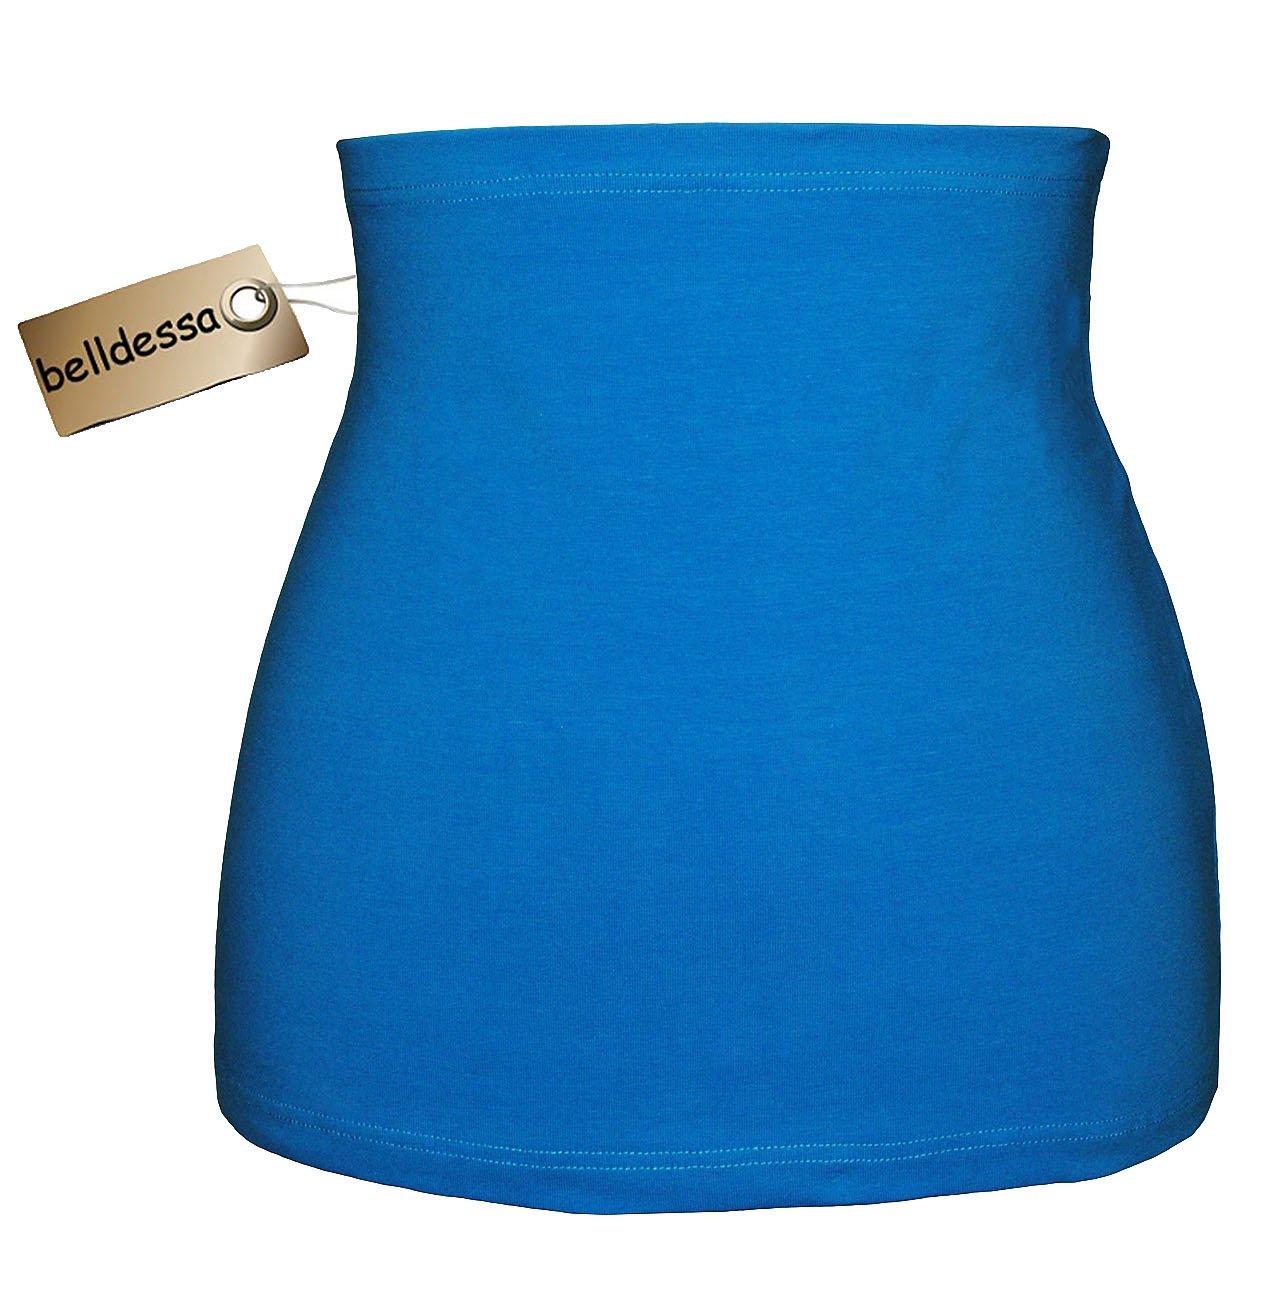 Jersey Baumwolle - azur / türkis blau - Nierenwärmer / Rückenwärmer / Bauchwärmer / Shirt Verlängerer - Größe: Männer XXL - ideal auch für Blasenentzündung und Hexenschuss / Rückenschmerzen